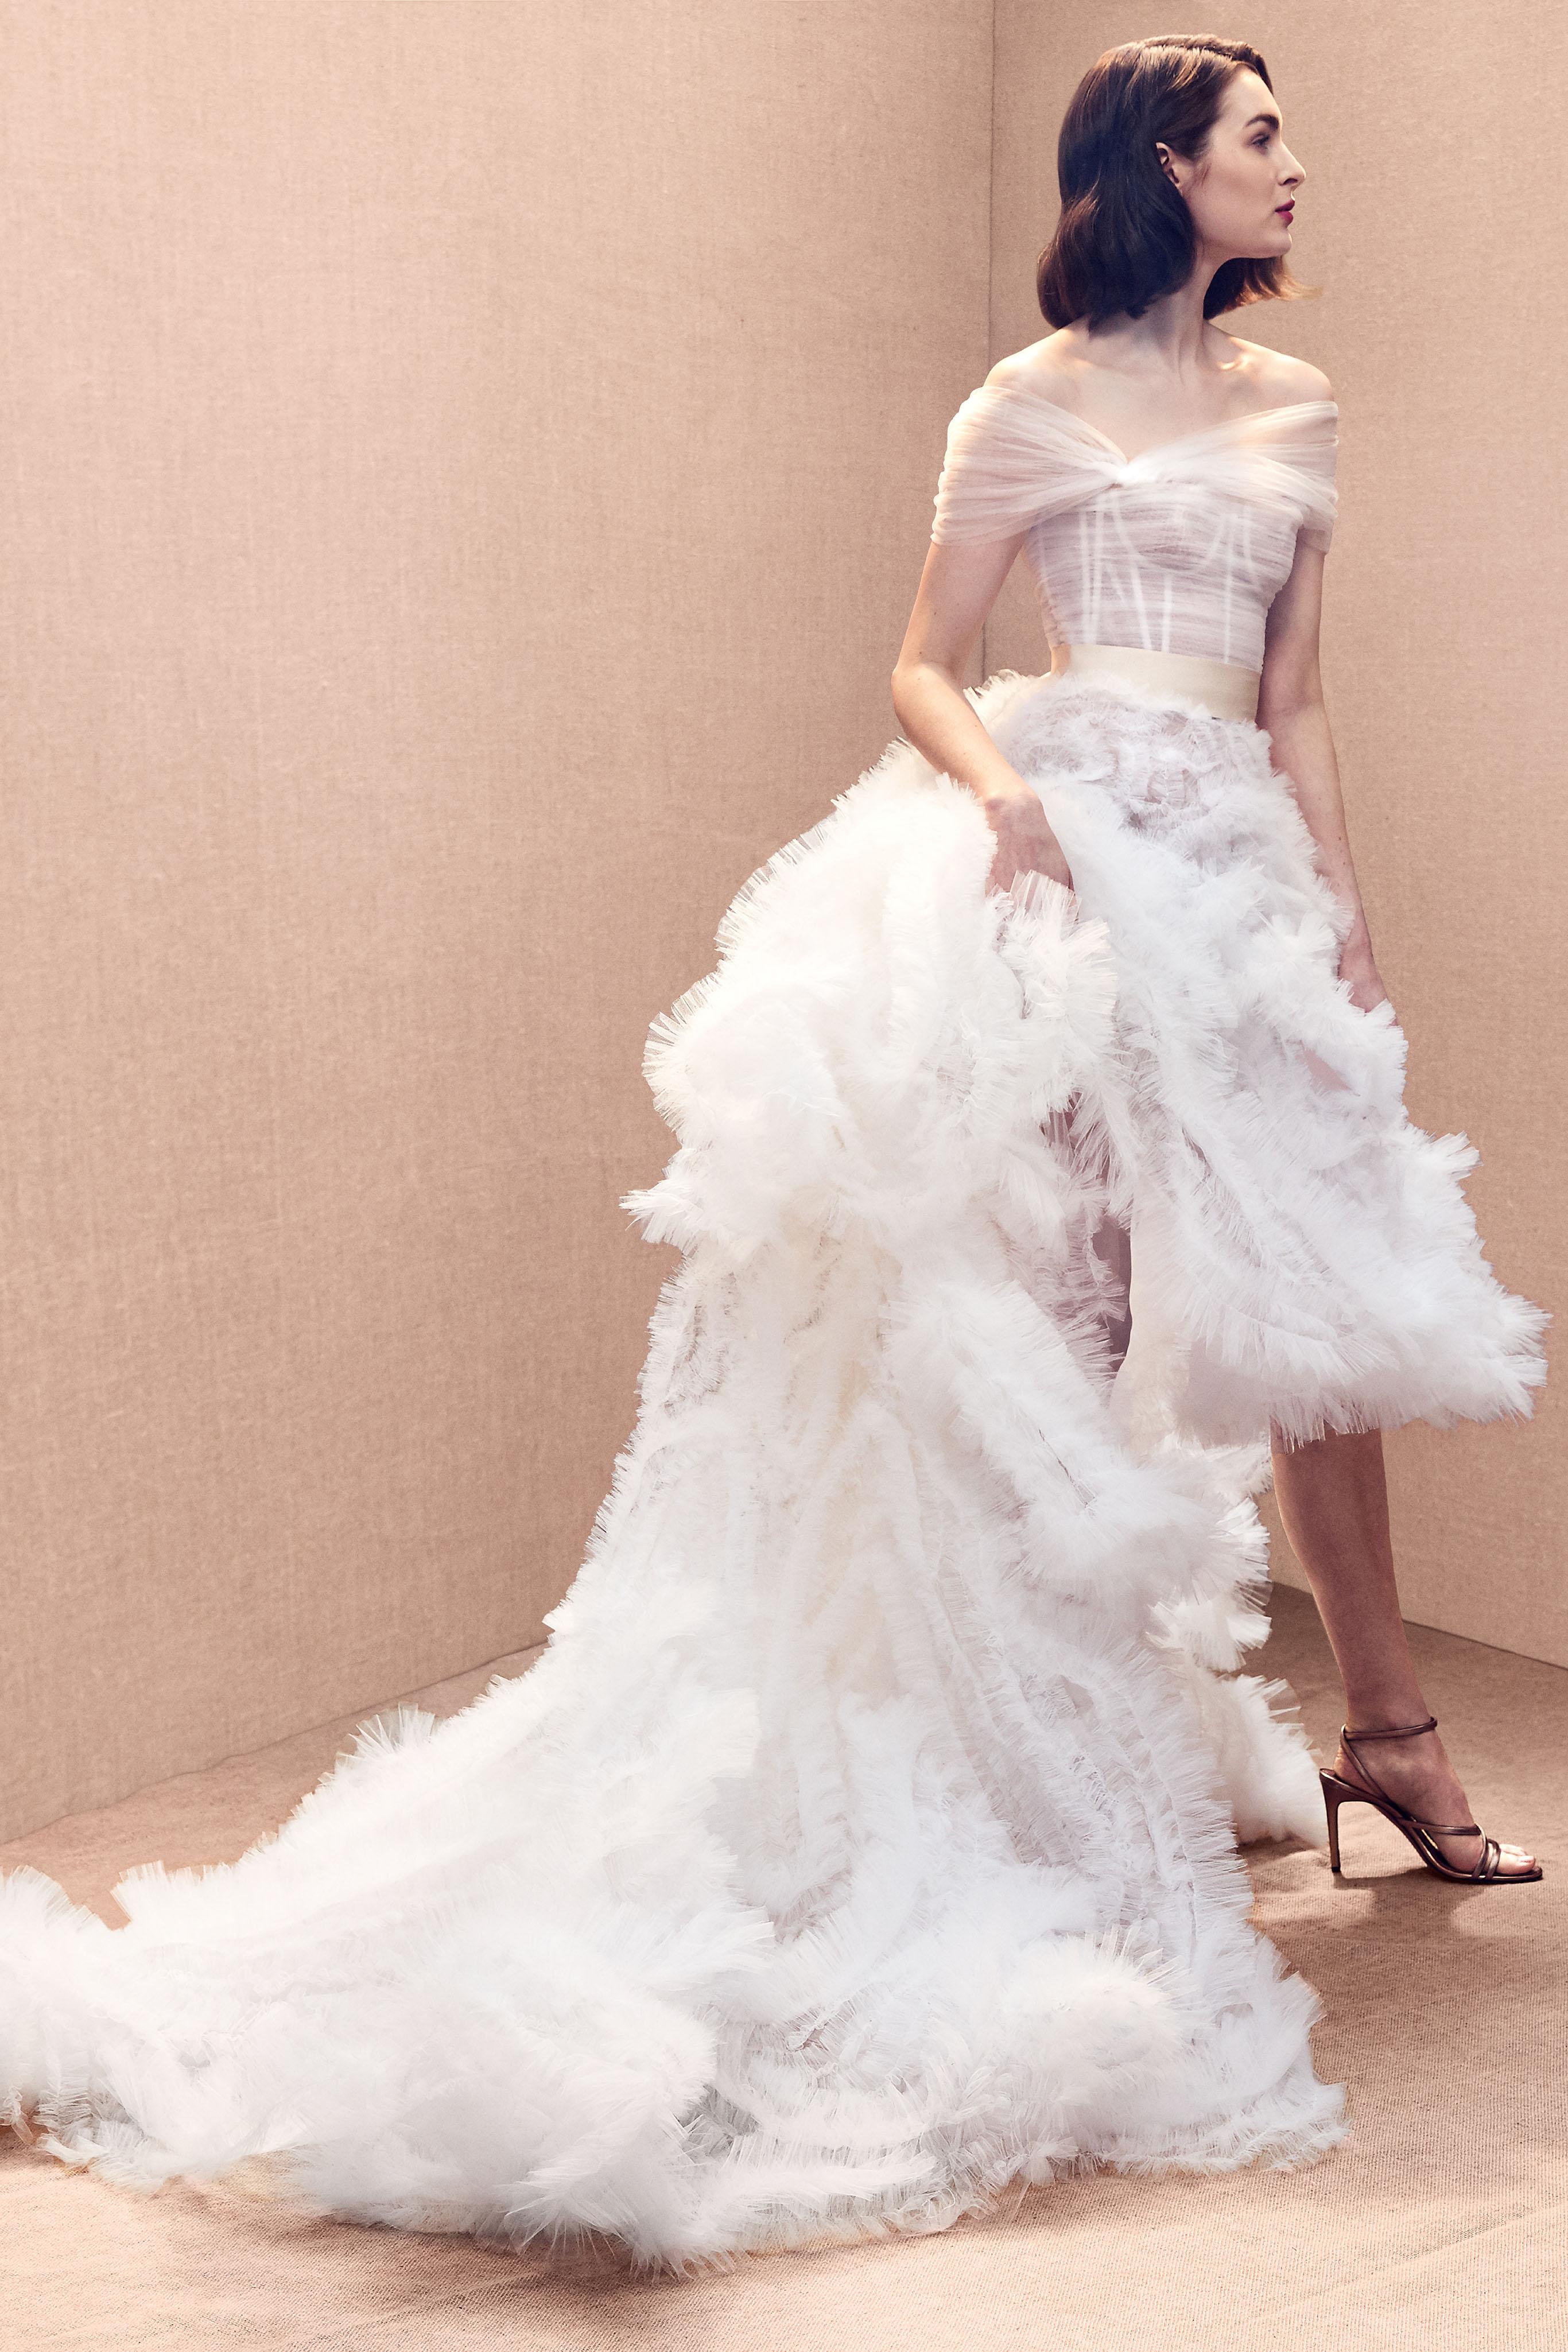 off-the-shoulder exposed boning ribbon belt tiered ruched tulle a-line wedding dress Oscar de la Renta Spring 2020